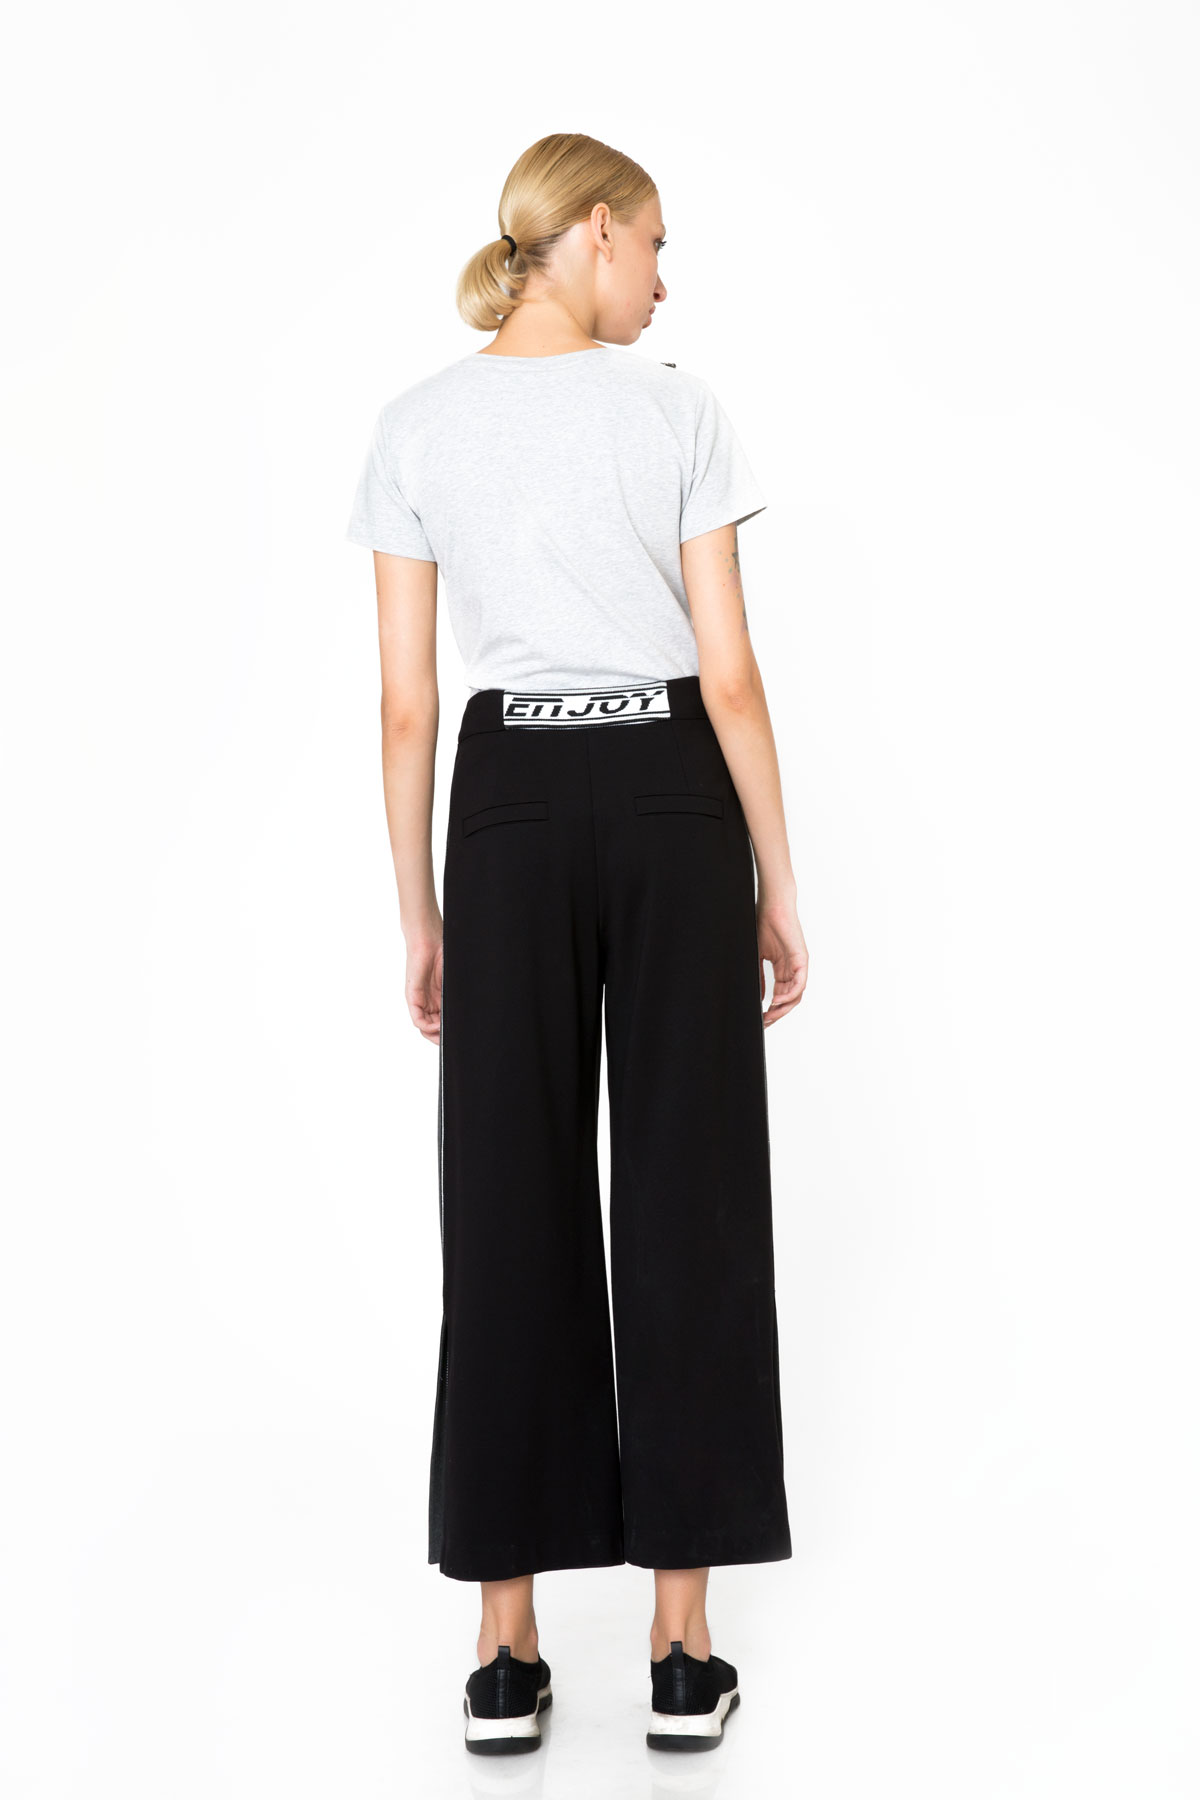 Şerit ve Yırtmaç Detaylı Siyah Spor Pantolon